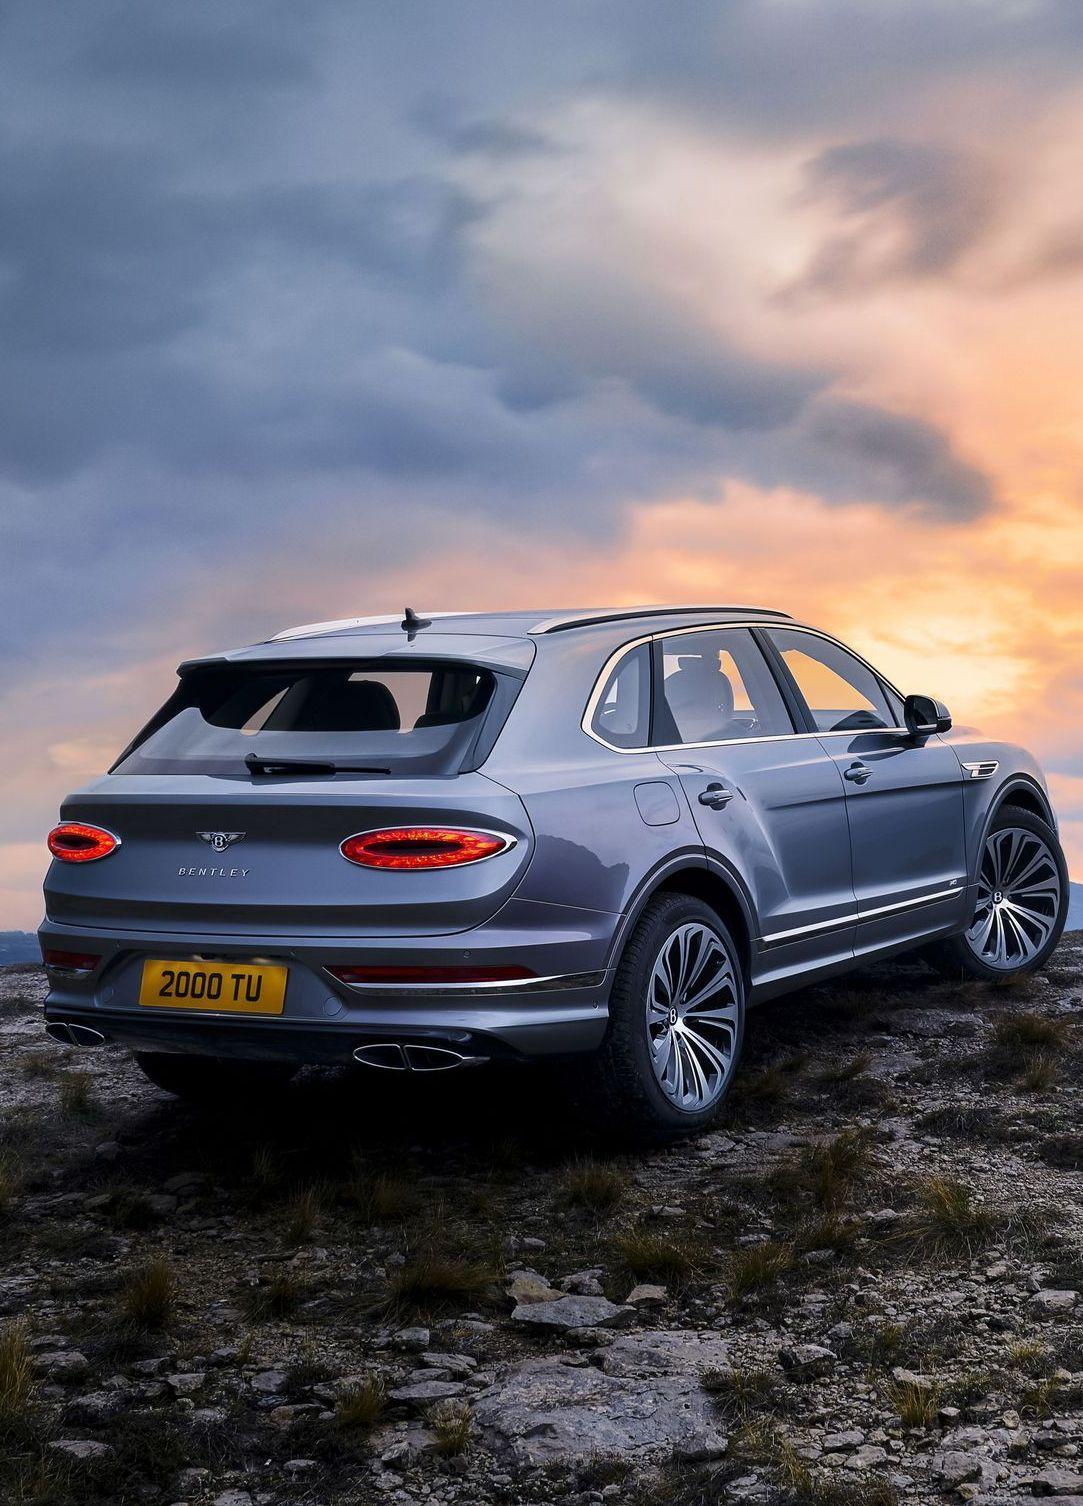 Der Neue Bentley Bentayga In 2020 Bentley Modell Luxus